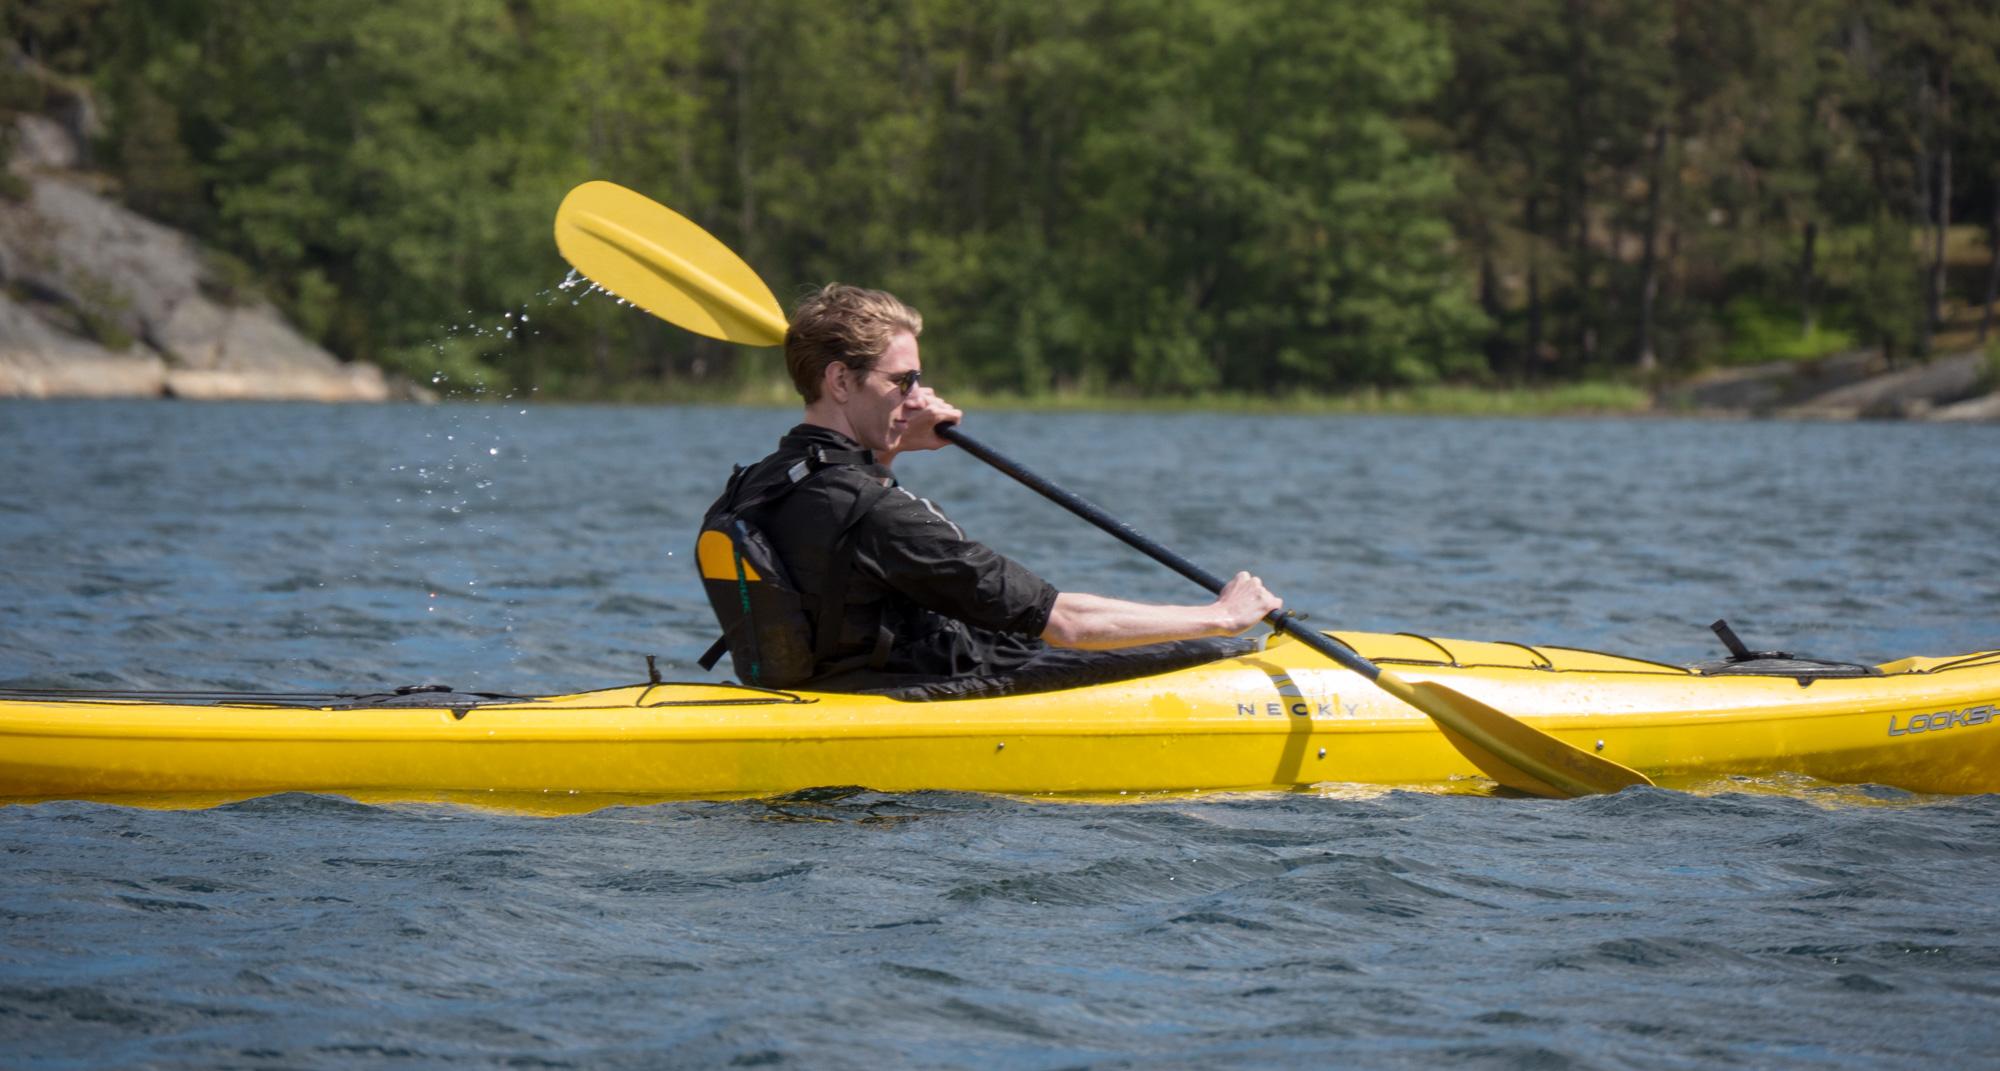 Kayaking sideshot